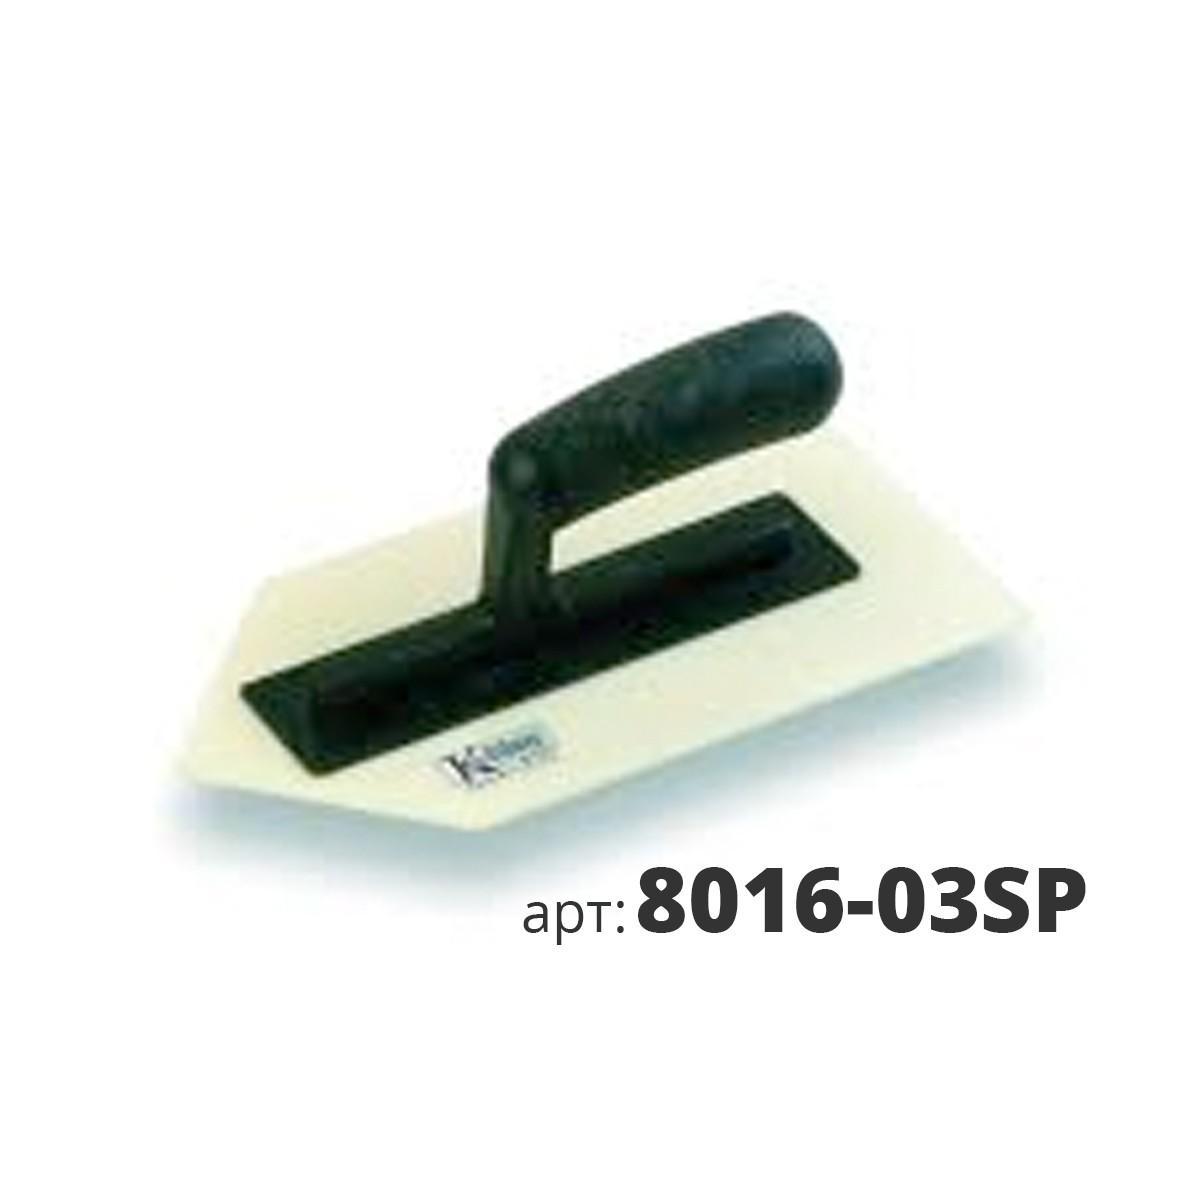 KUHLEN кельма пластиковая остроугольная 8016-03SP